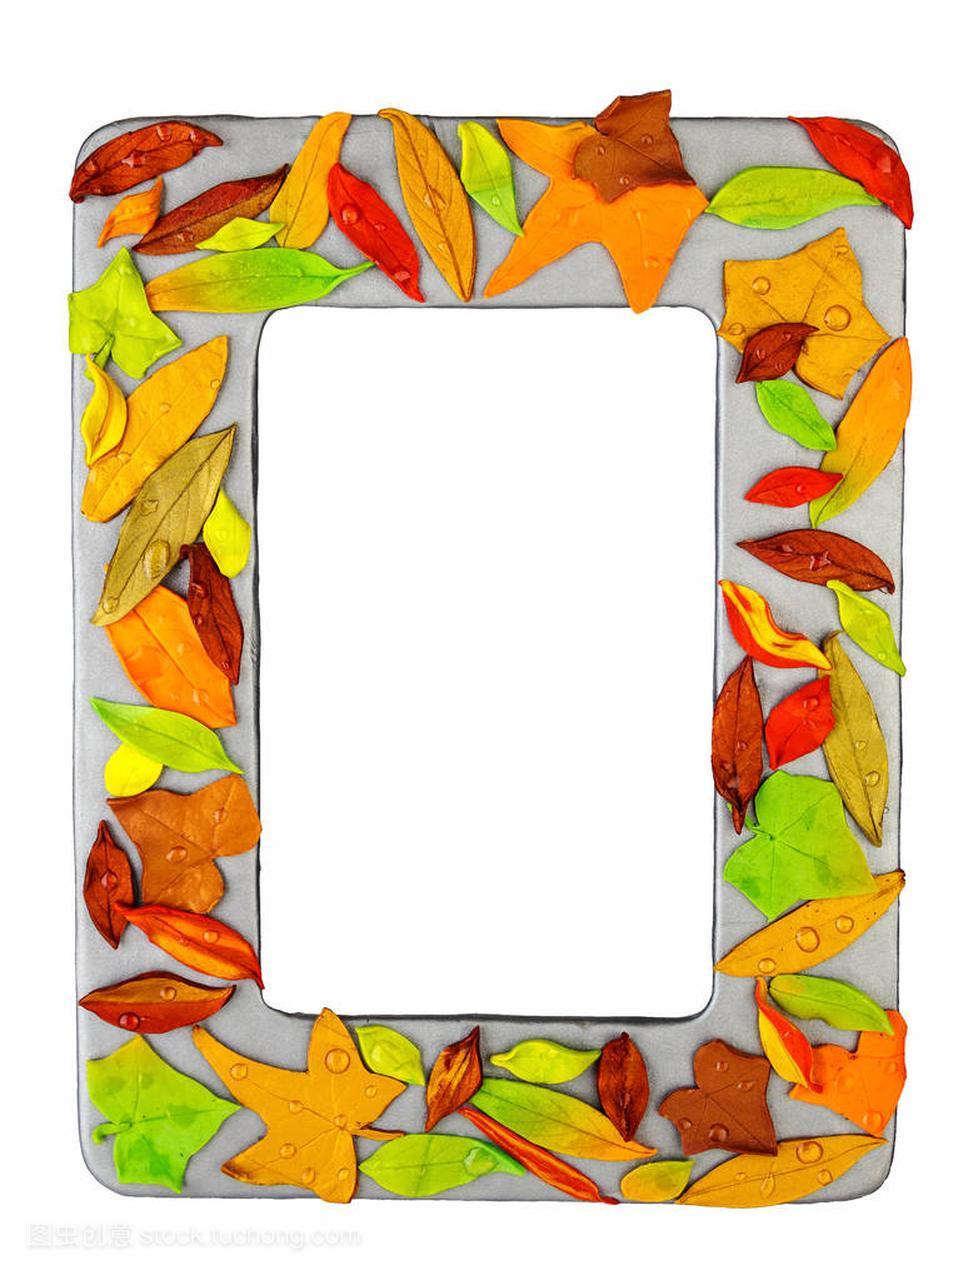 手工相框制作方法图解_硬纸板手工制作相框图片